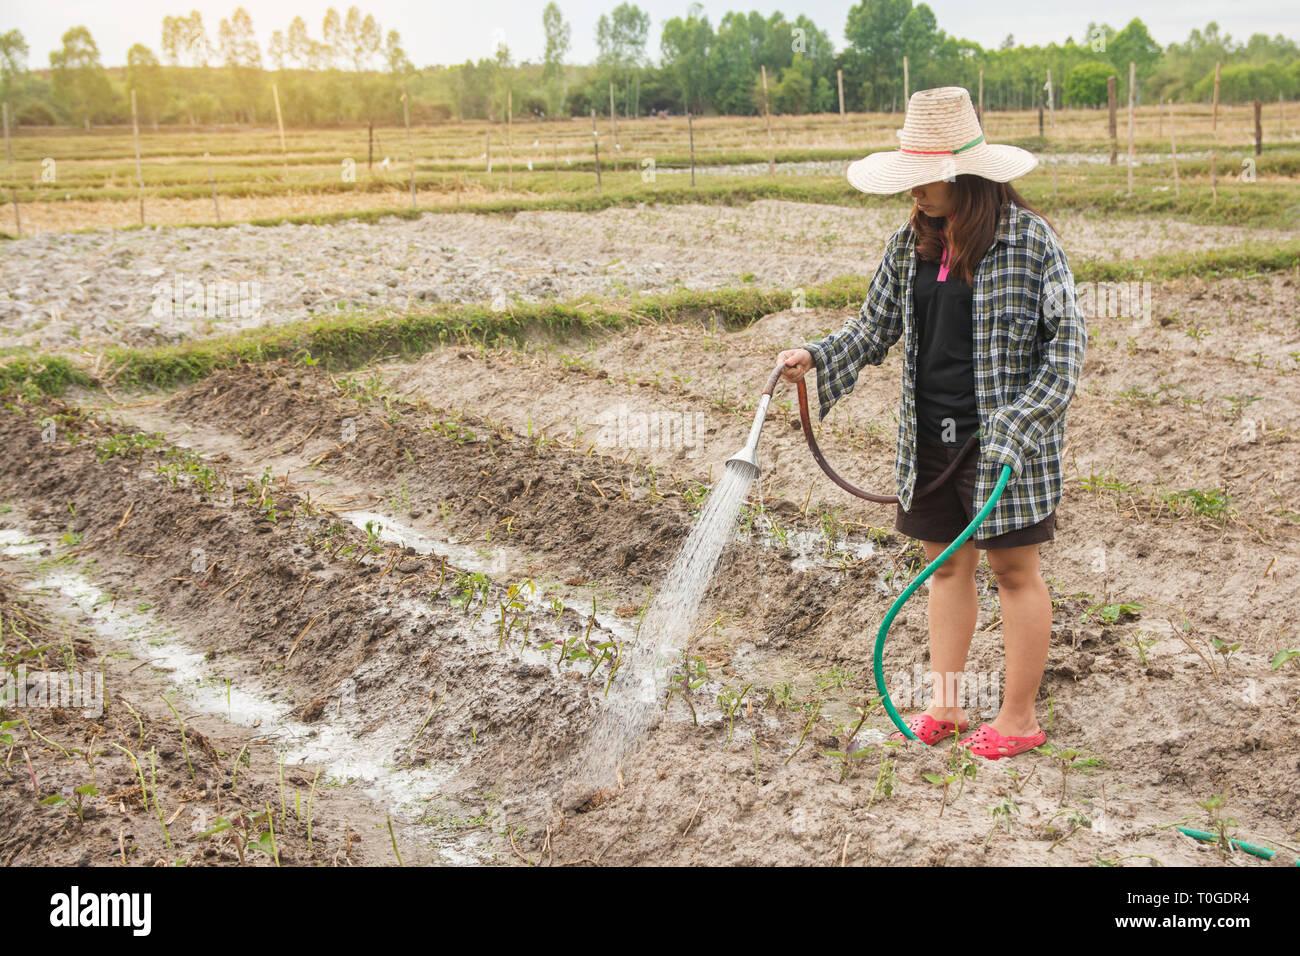 TEMA FLOOD - Página 7 Mujer-jardinero-regando-las-verduras-en-su-jardin-t0gdr4